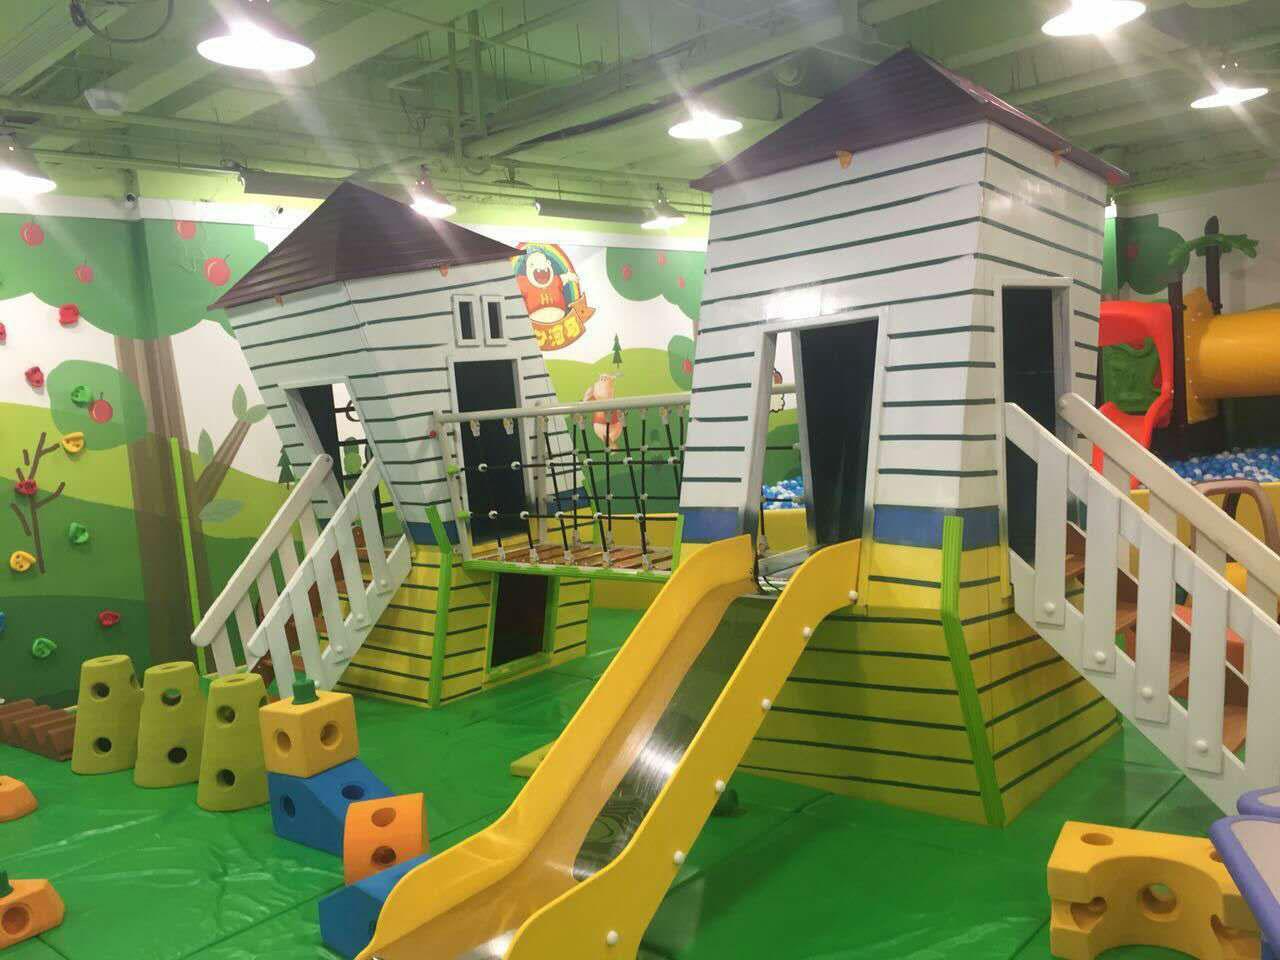 随着家长的重视和孩子的喜爱,儿童乐园已成为广大投资人值得信赖的经营项目,更是在各种各样的场所如商场、超市、广场等遍地开花。儿童乐园受到广泛的追捧,因此越来越多的投资者也想在这个黄金市场上分一杯羹,但